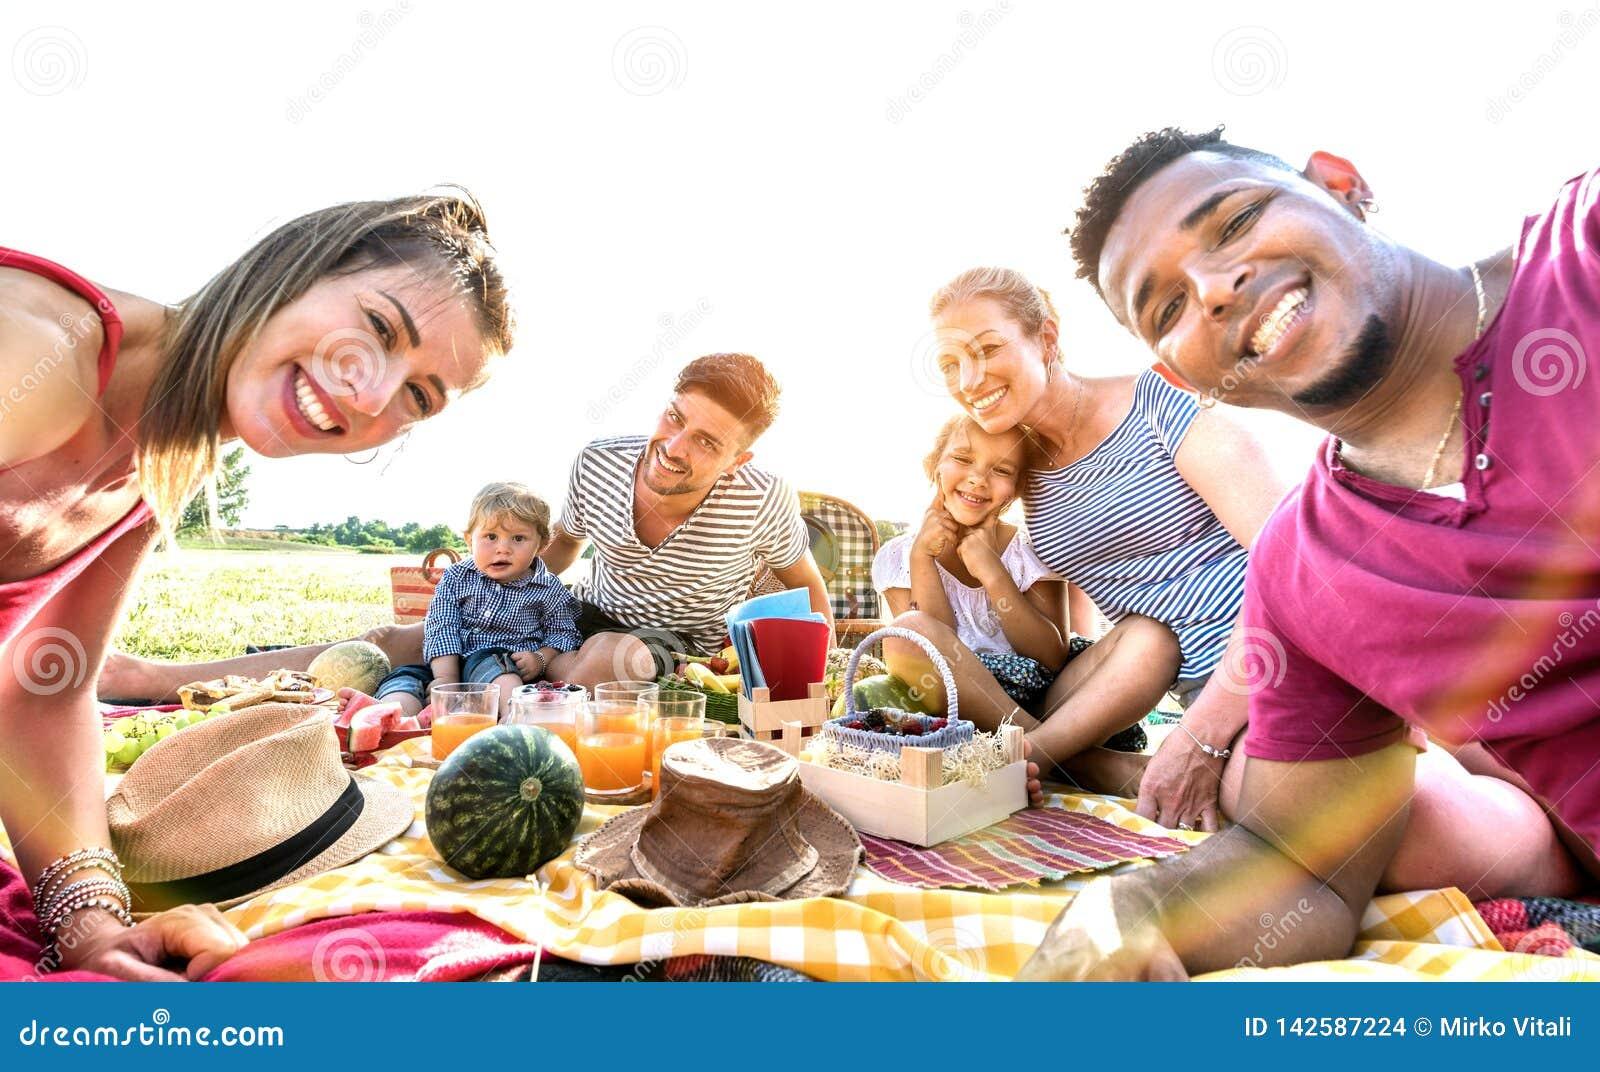 Gelukkige multiraciale families die selfie bij pic nic tuinpartij nemen - Multicultureel vreugde en liefdeconcept met gemengde ra